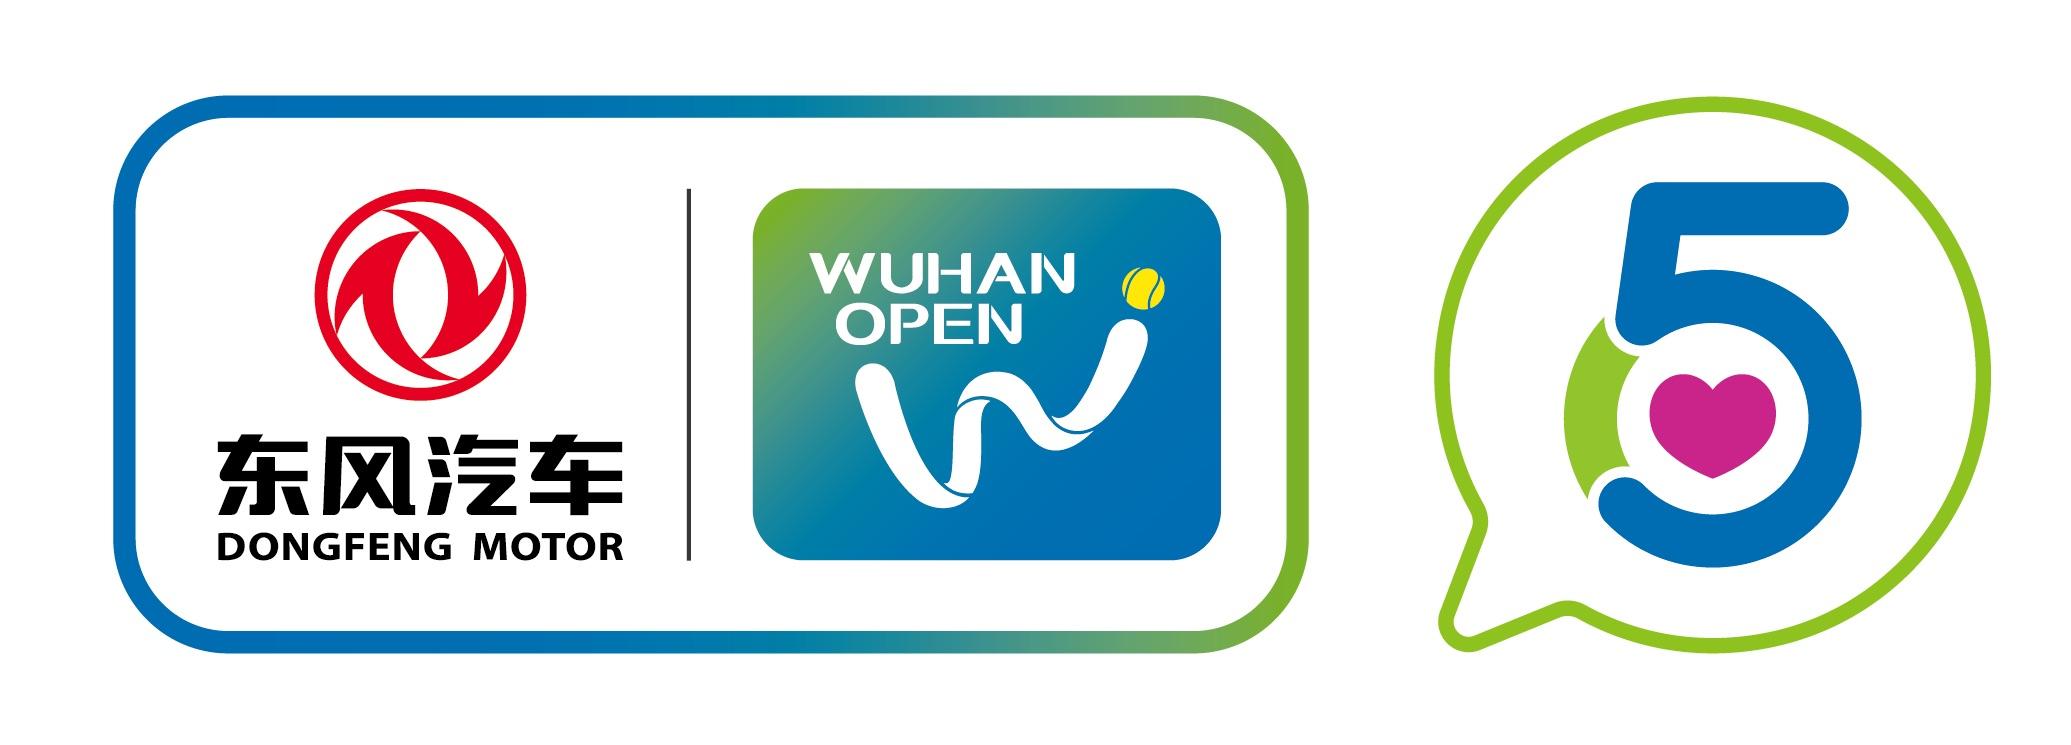 Wuhan Open 2018